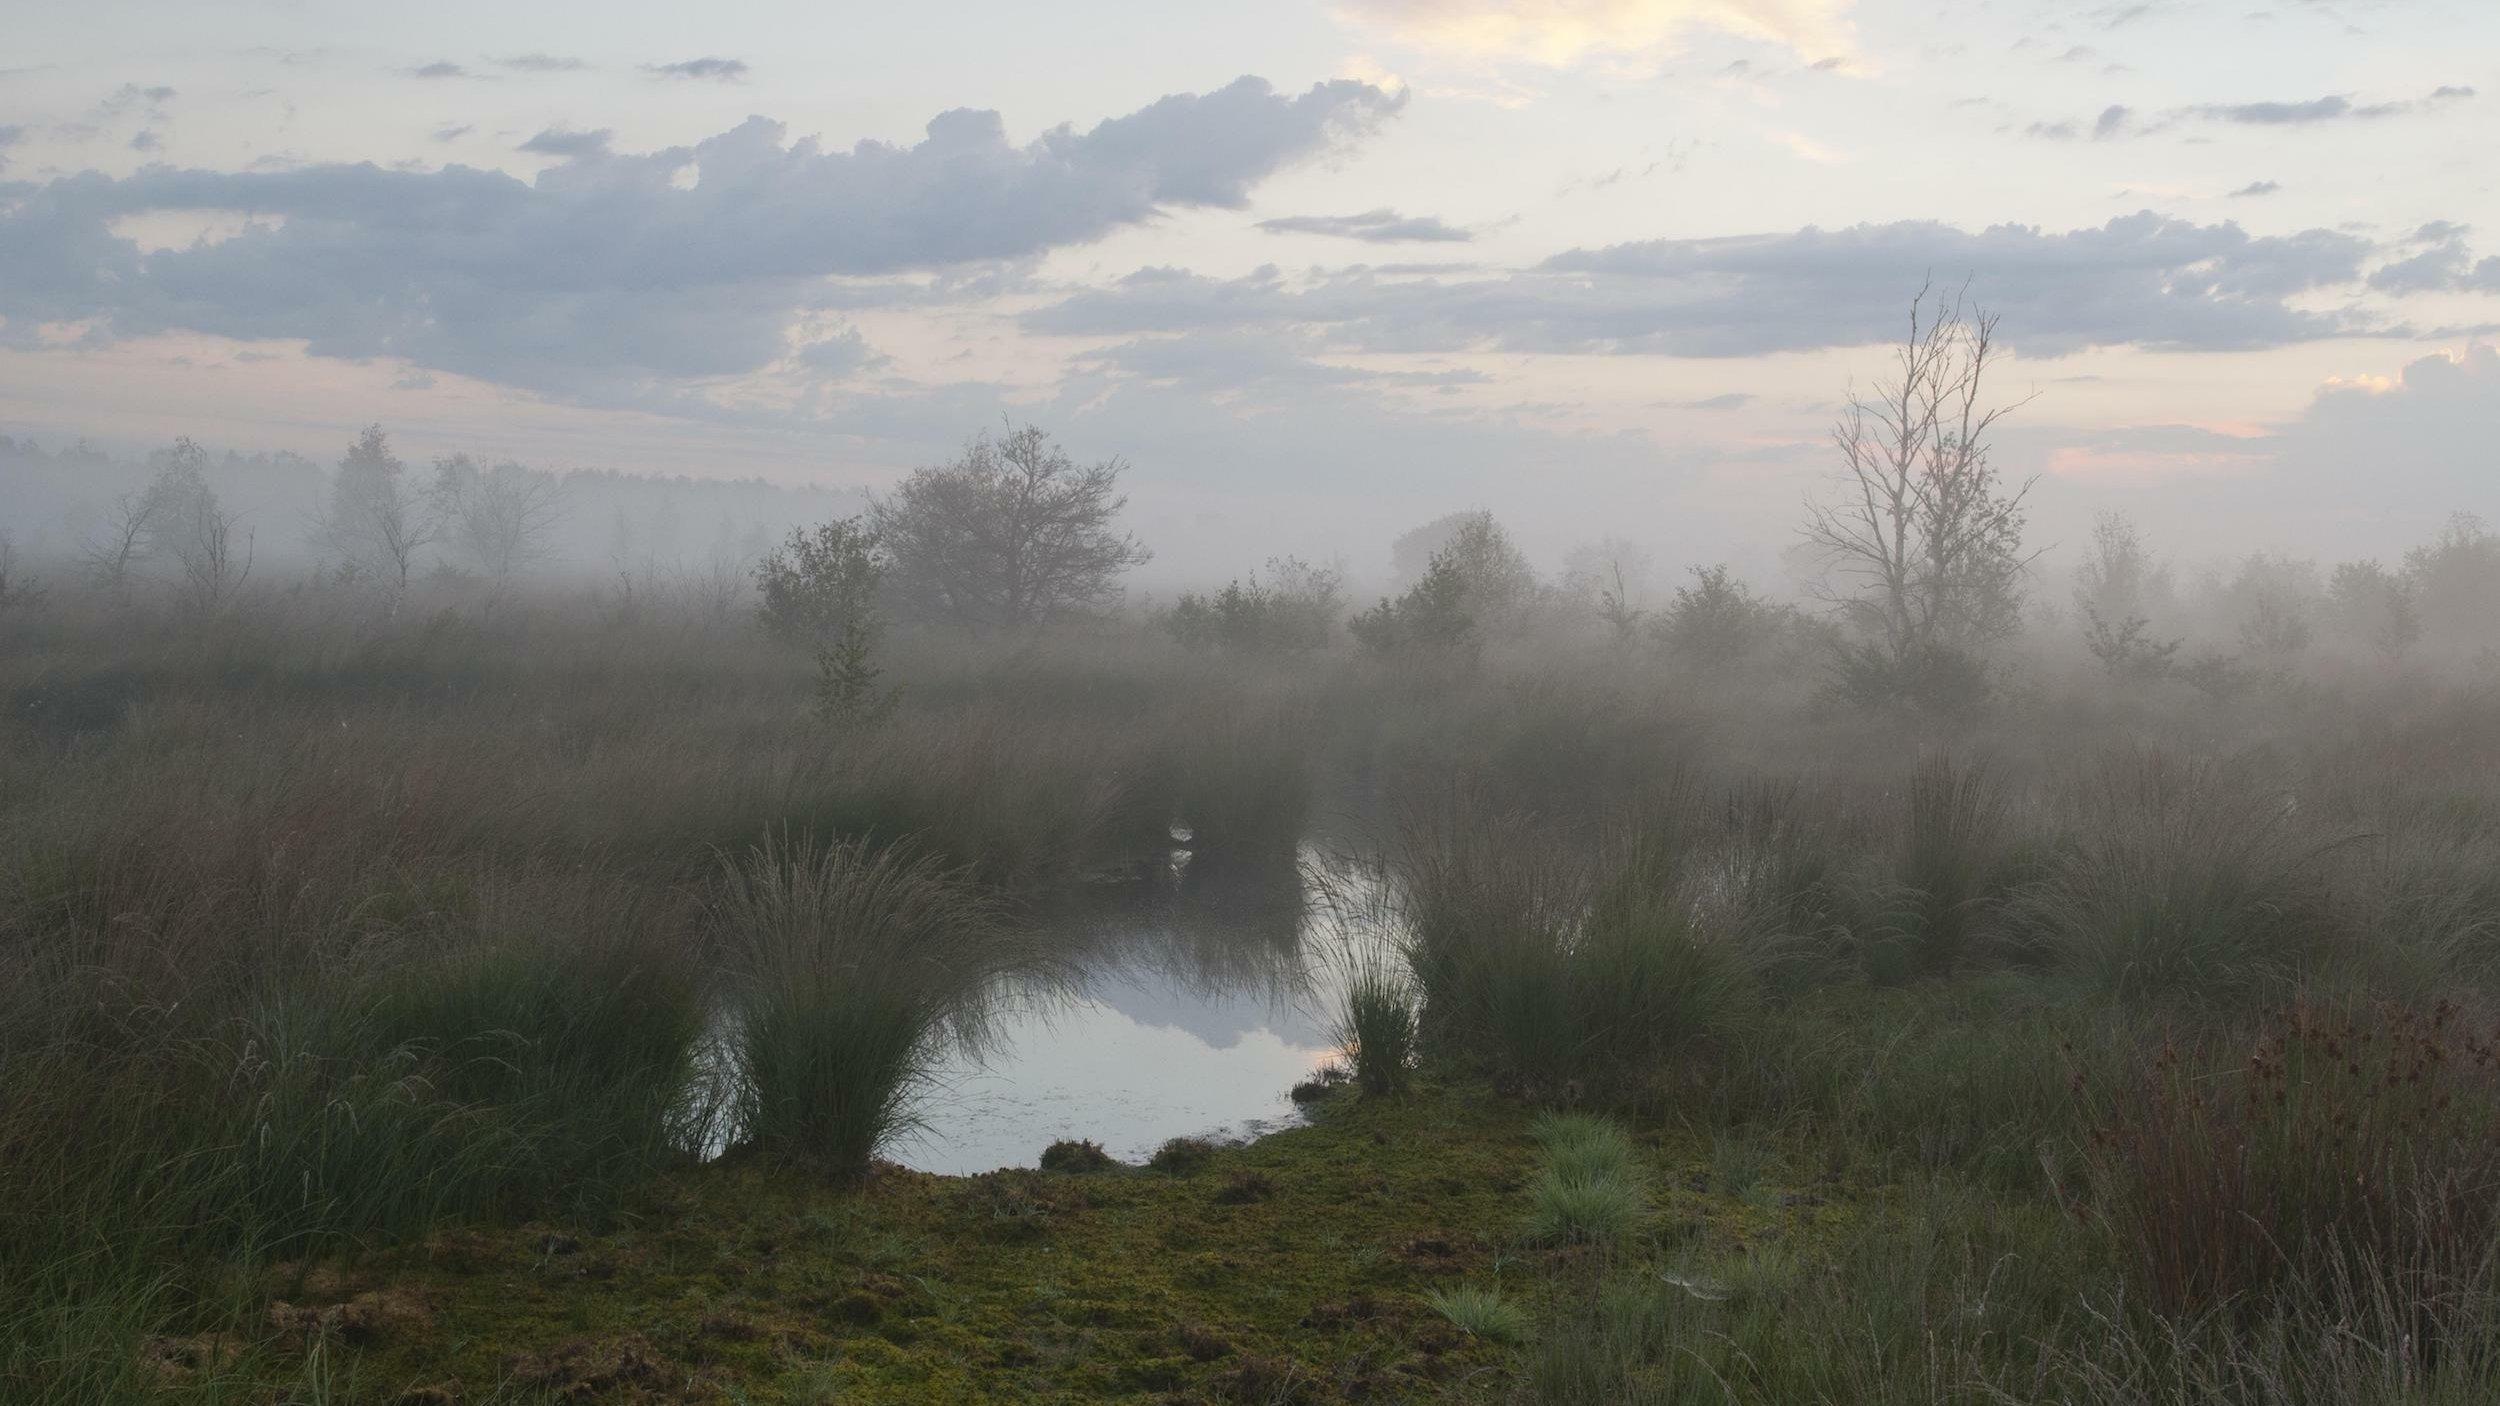 Ein Moortümpel in einer nebligen Landschaft